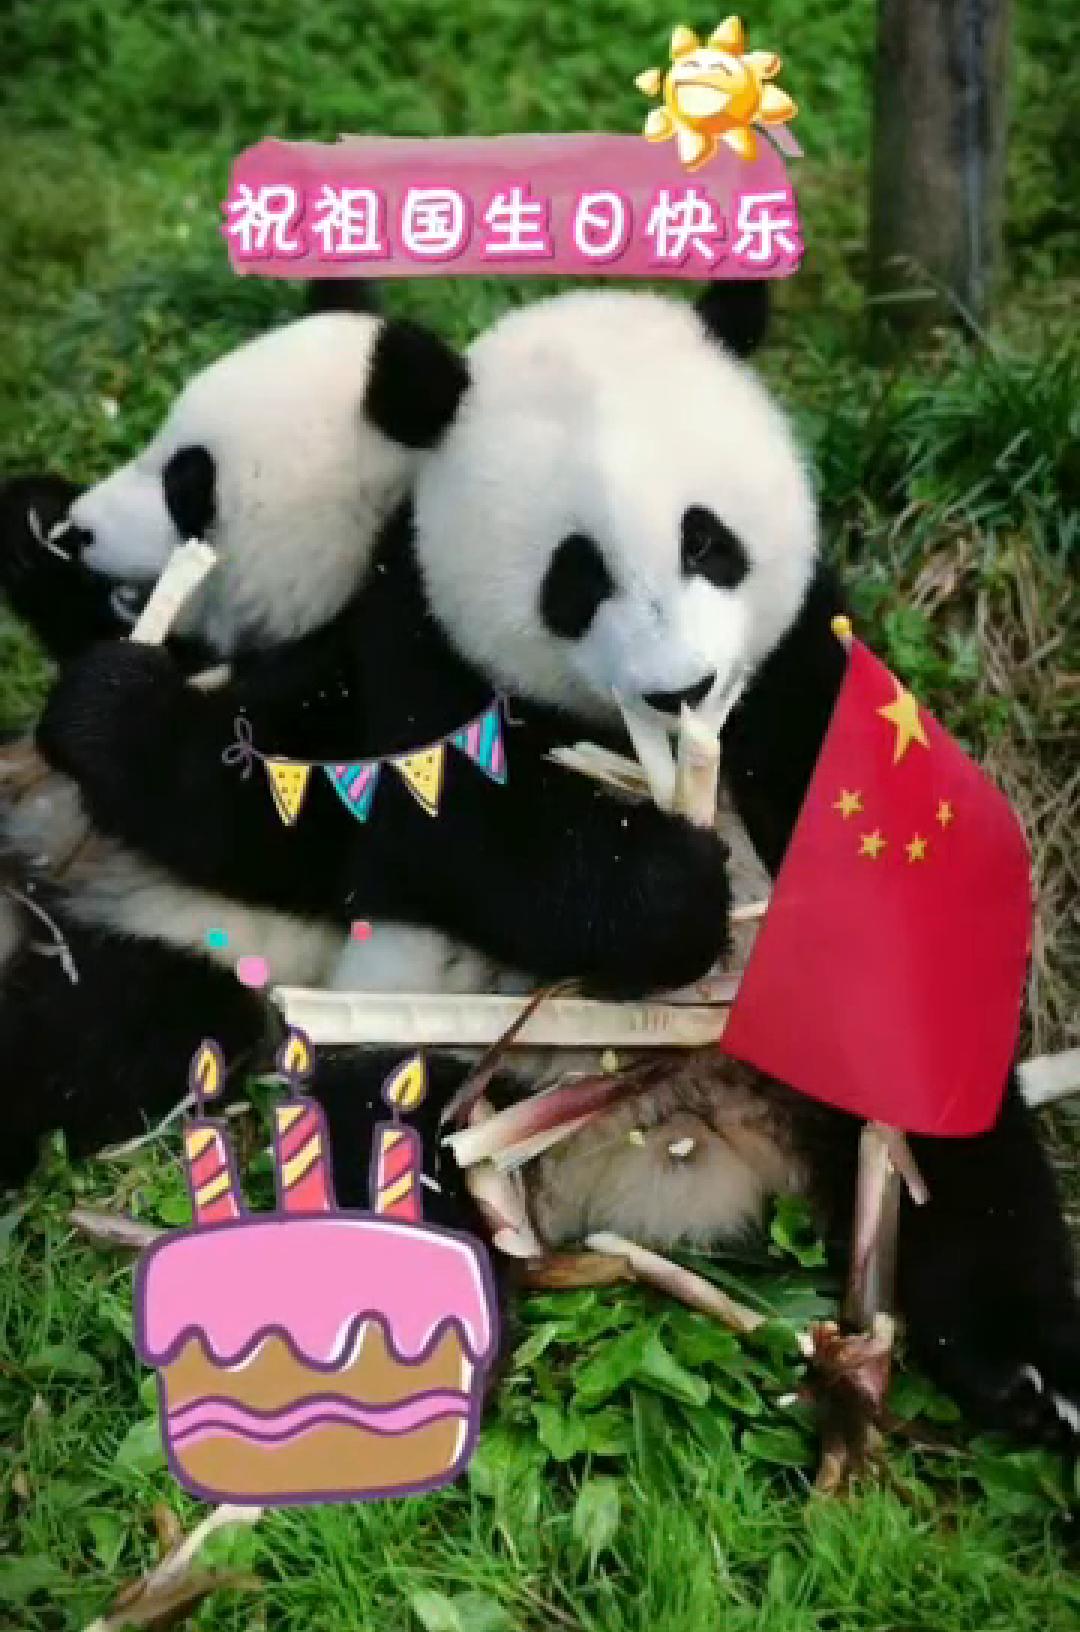 国庆看大熊猫,带上OPPOReno2记录精彩全程